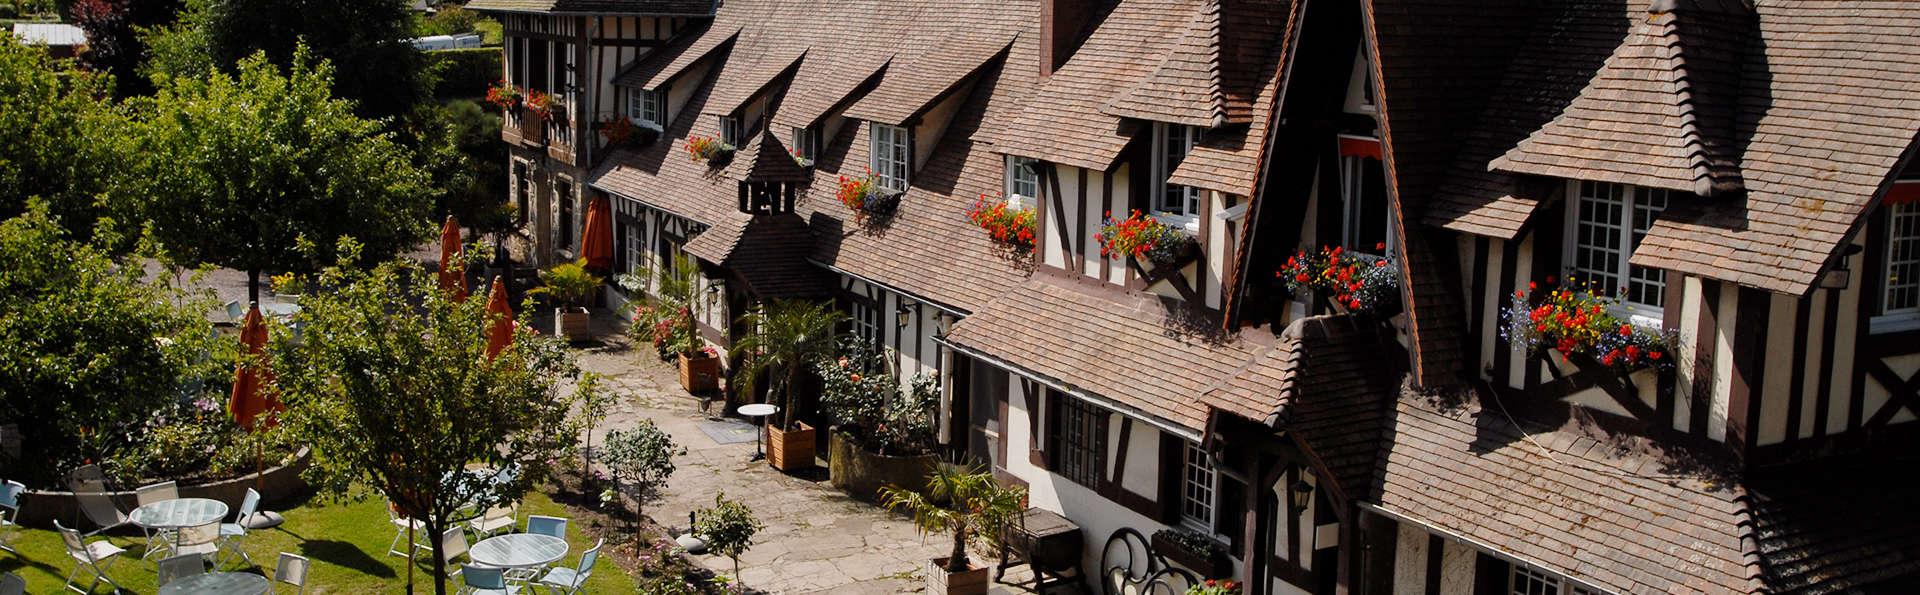 Hostellerie de la Vieille Ferme - edit_front_garden.jpg